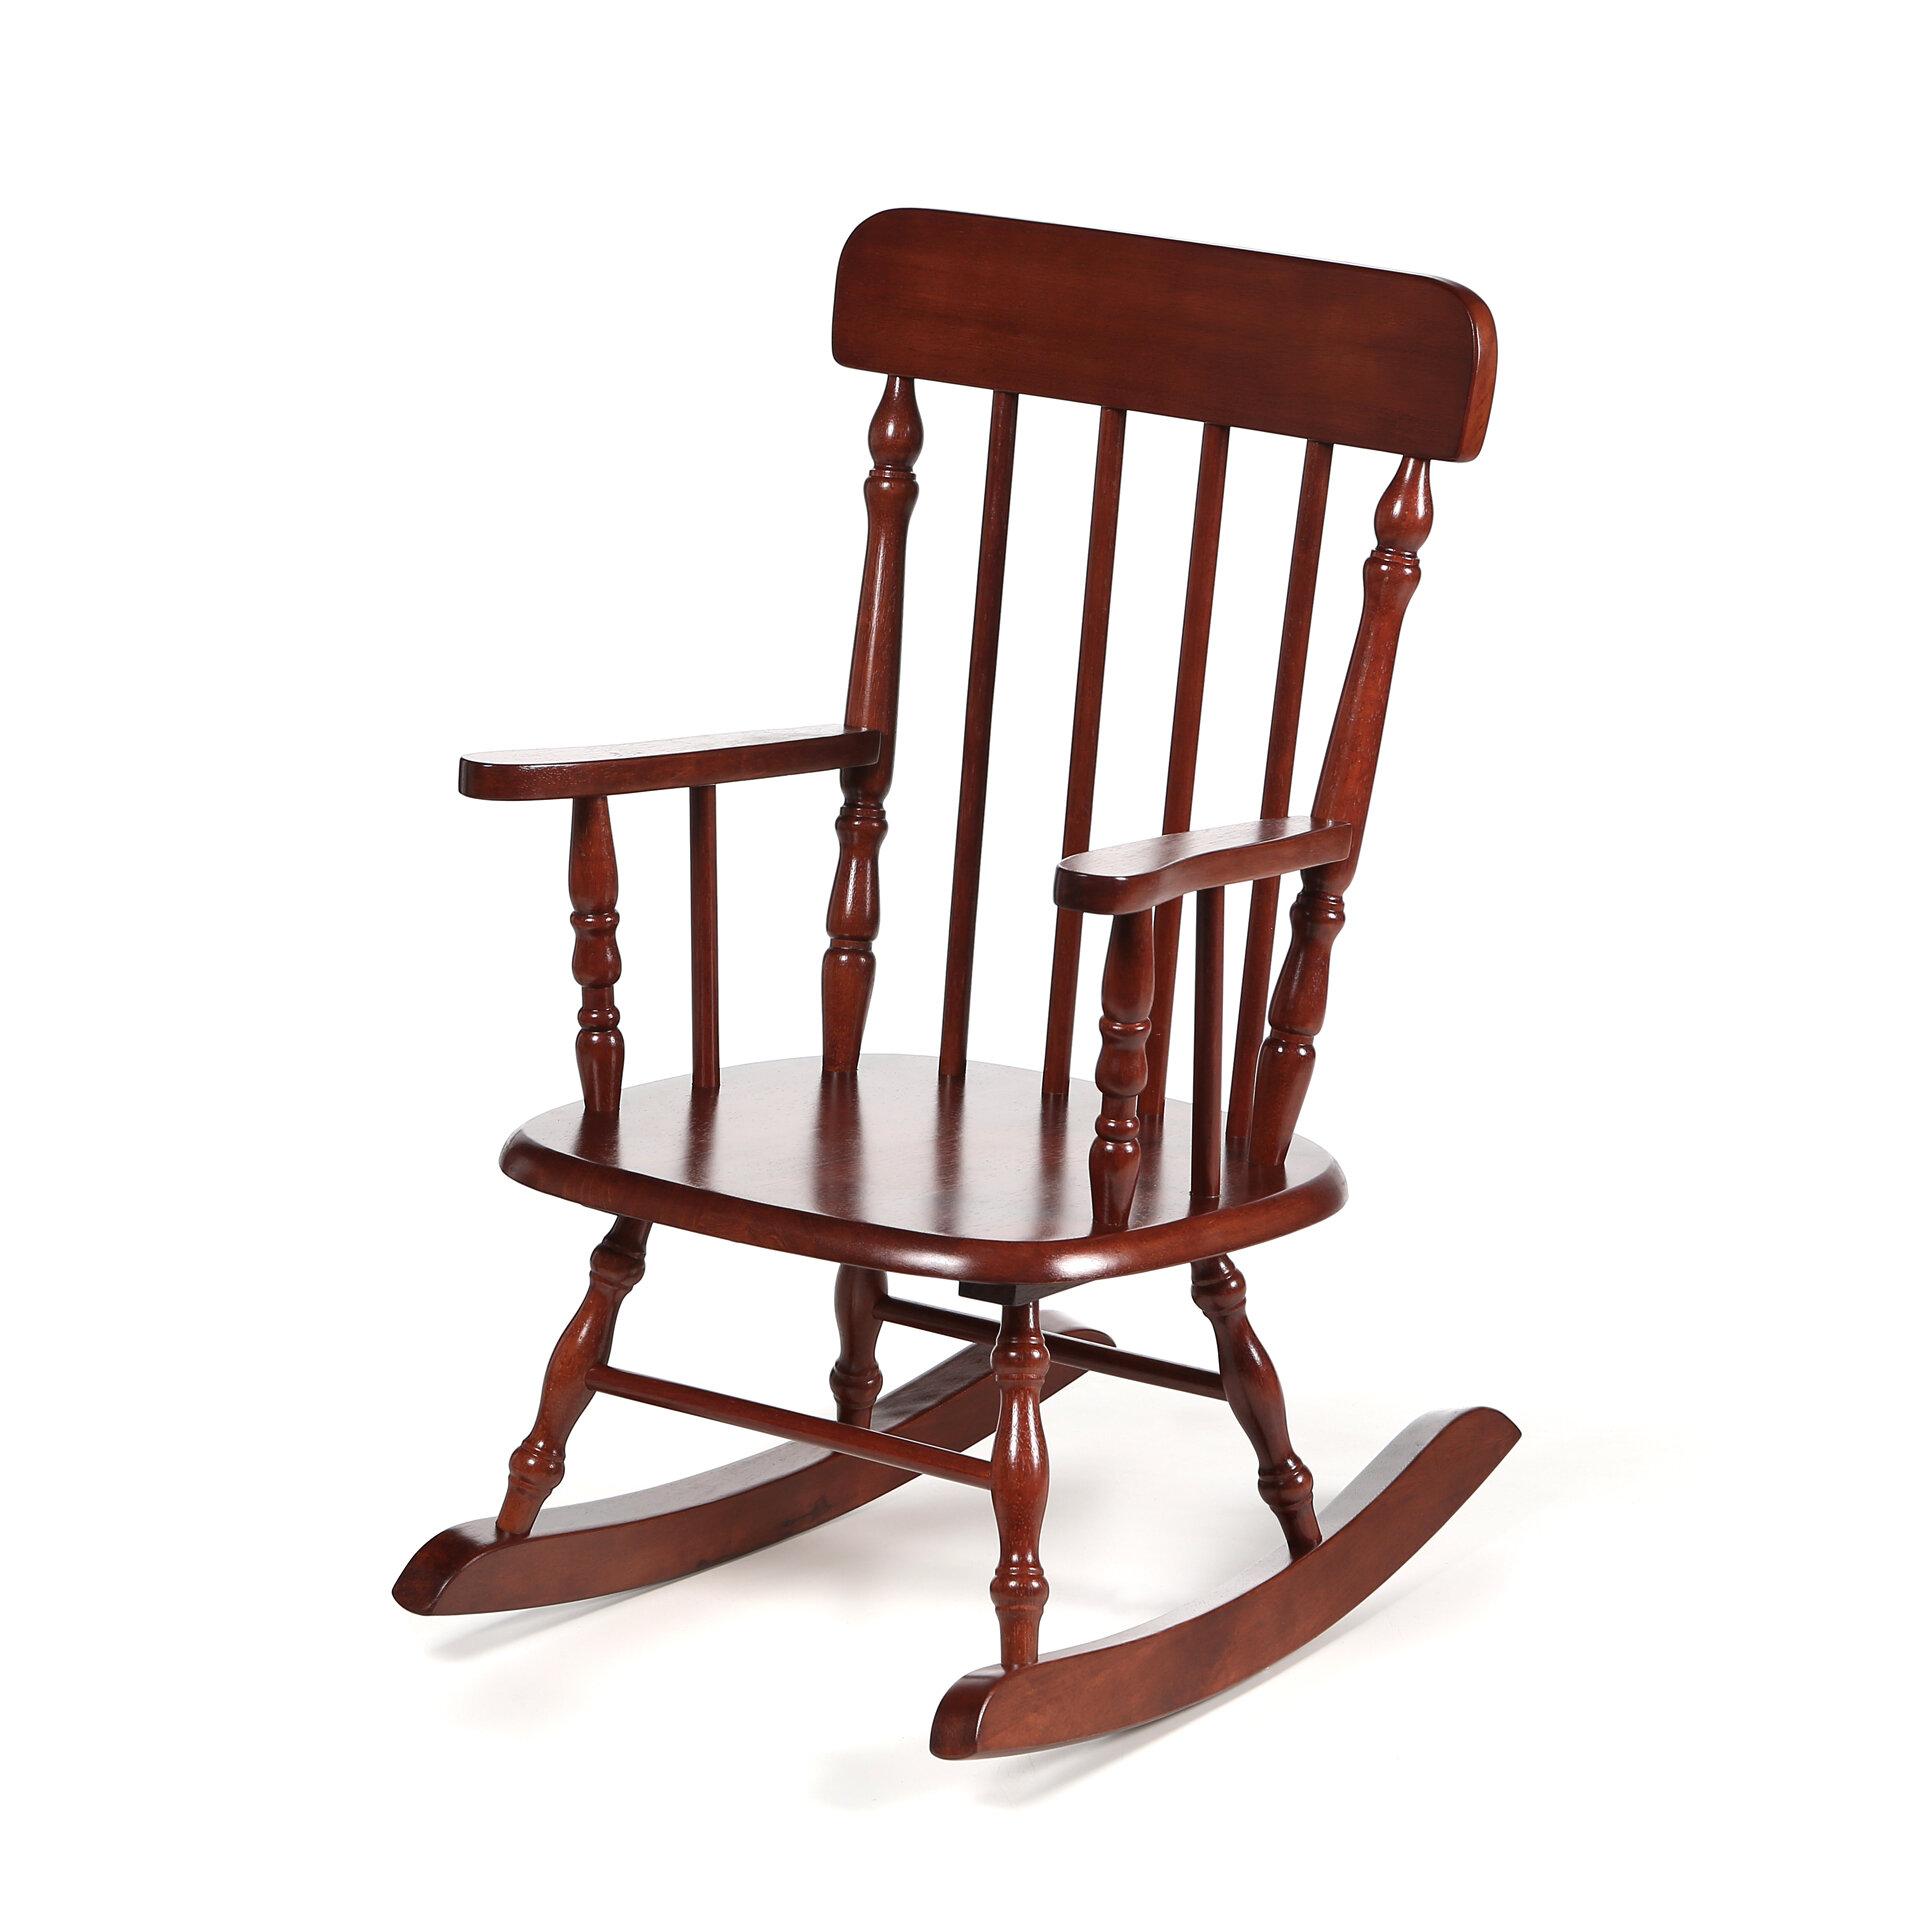 Harriet Bee Barksdale Spindle Kids Rocking Chair U0026 Reviews | Wayfair